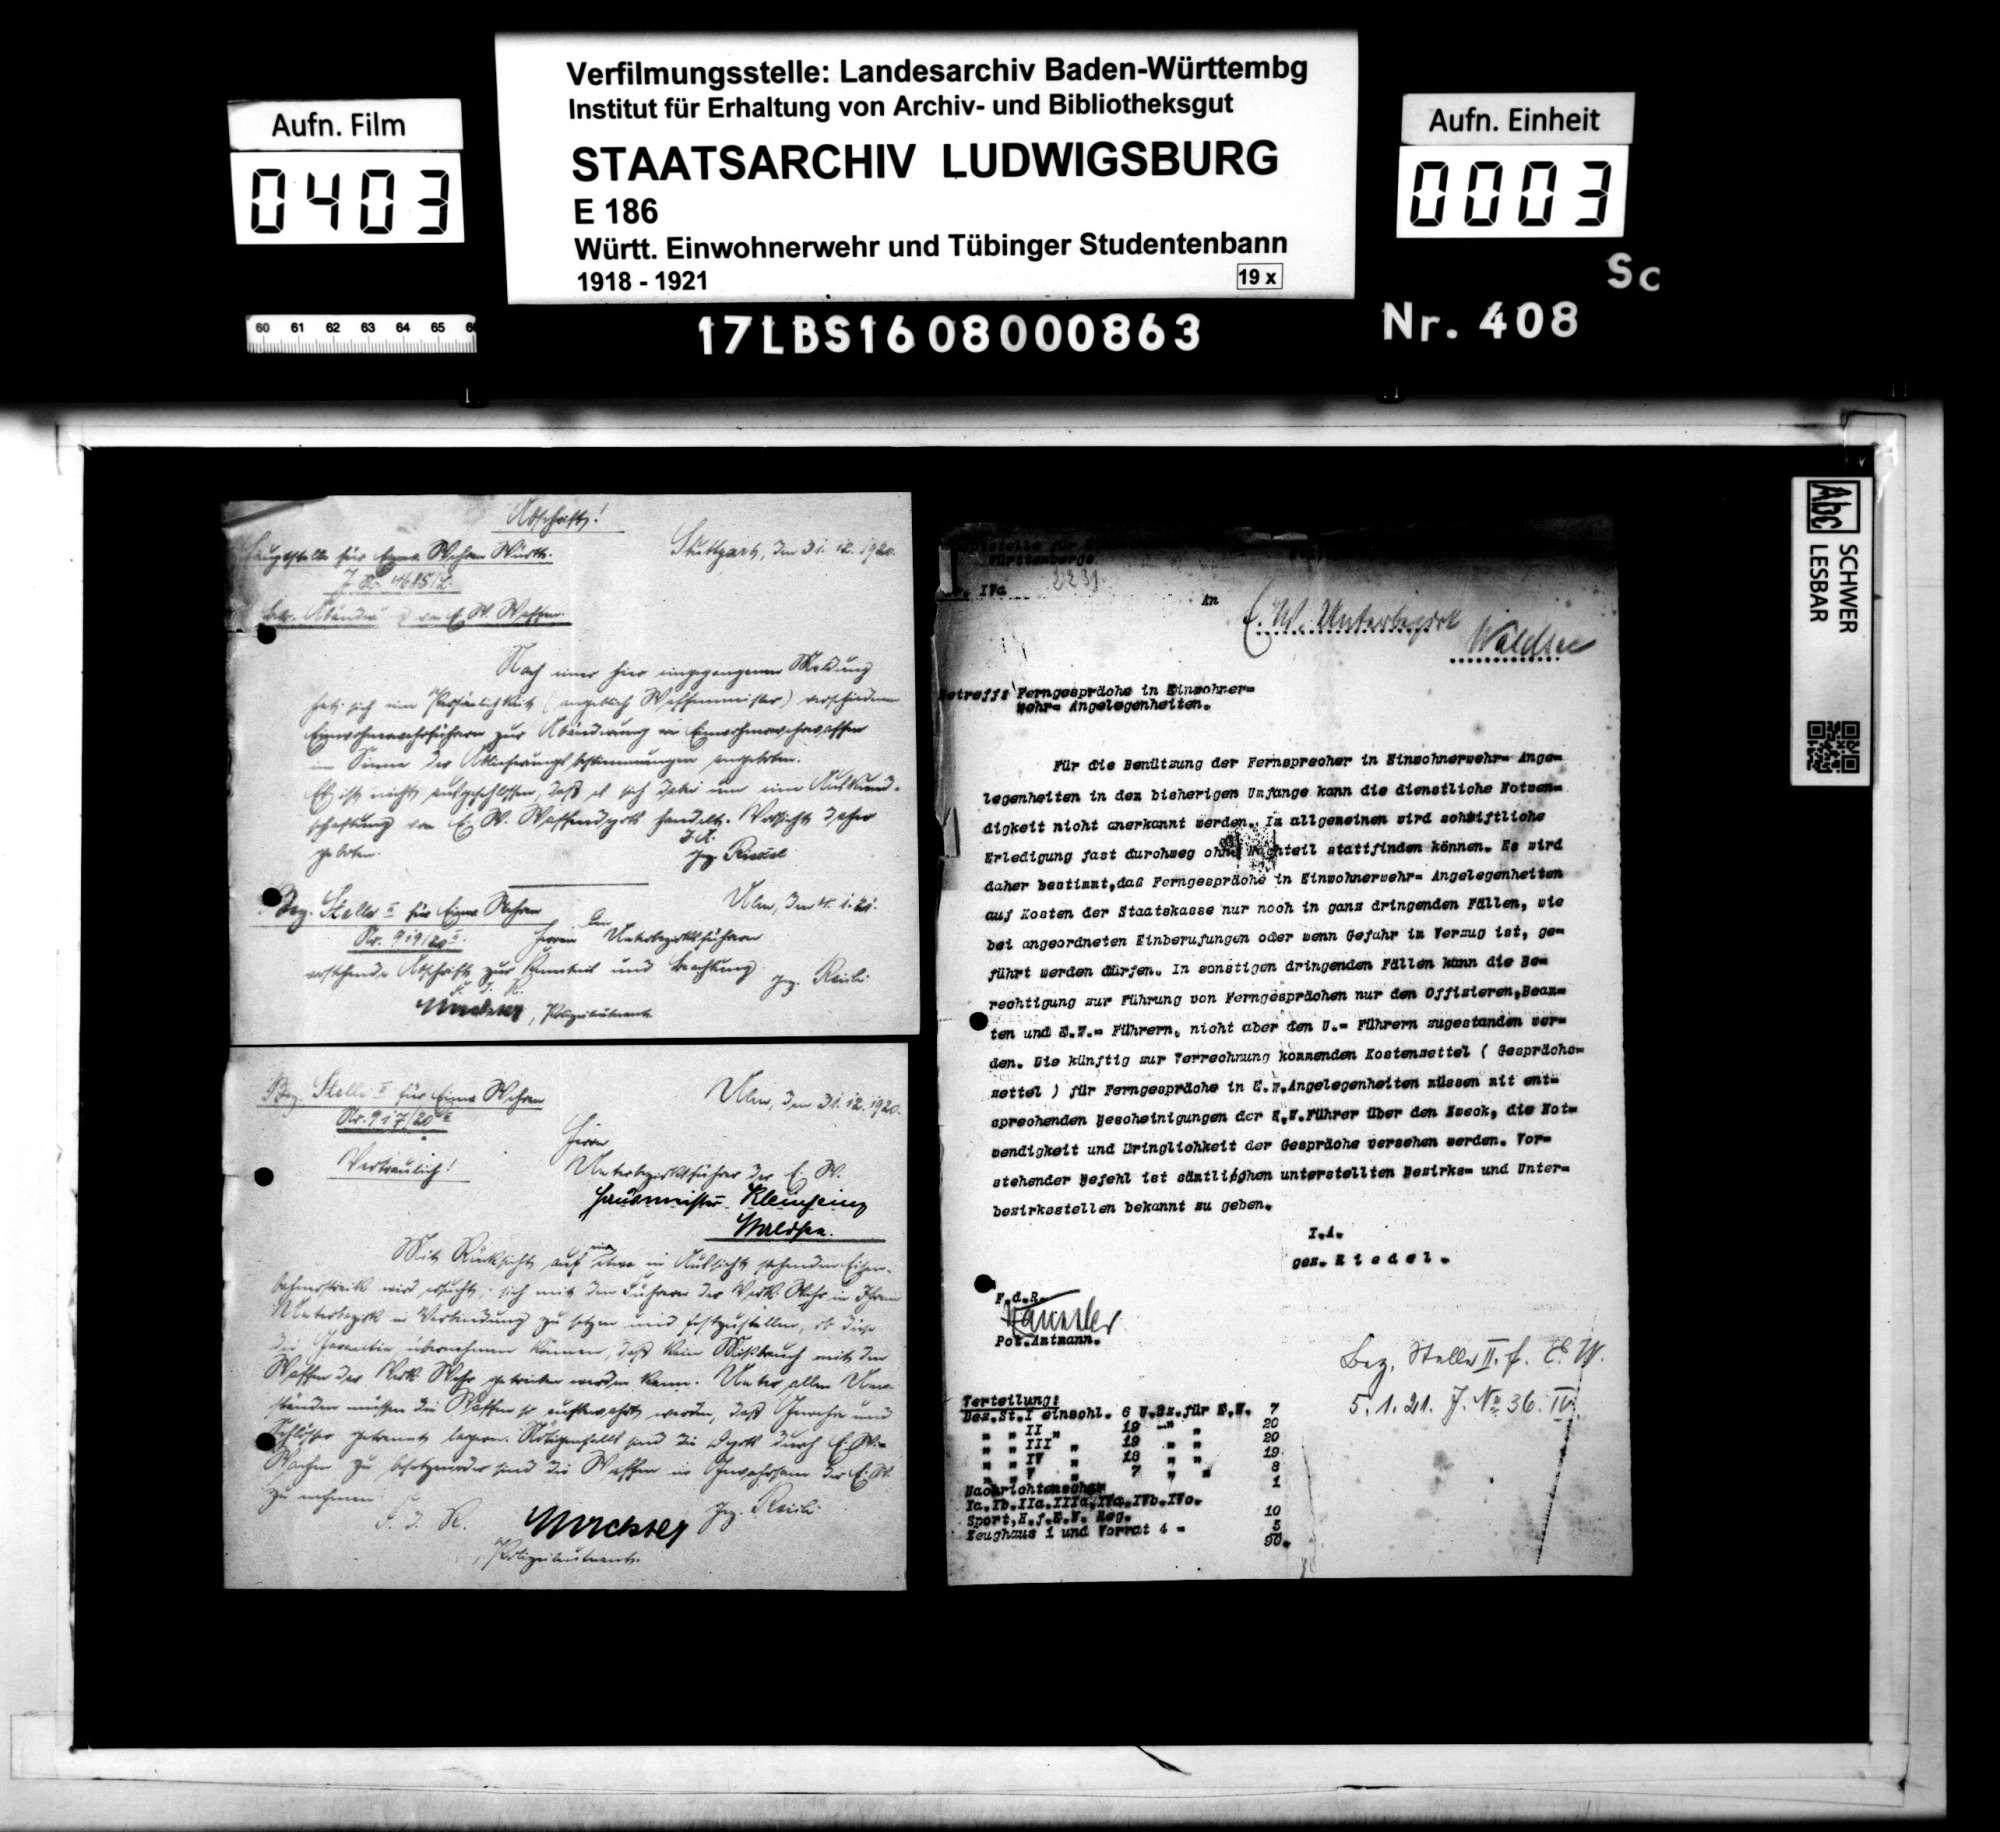 Verfügungen der Hauptstelle für Einwohnerwehren Württembergs, der Bezirksstelle 2 Ulm und anderer Dienststellen, Bild 1